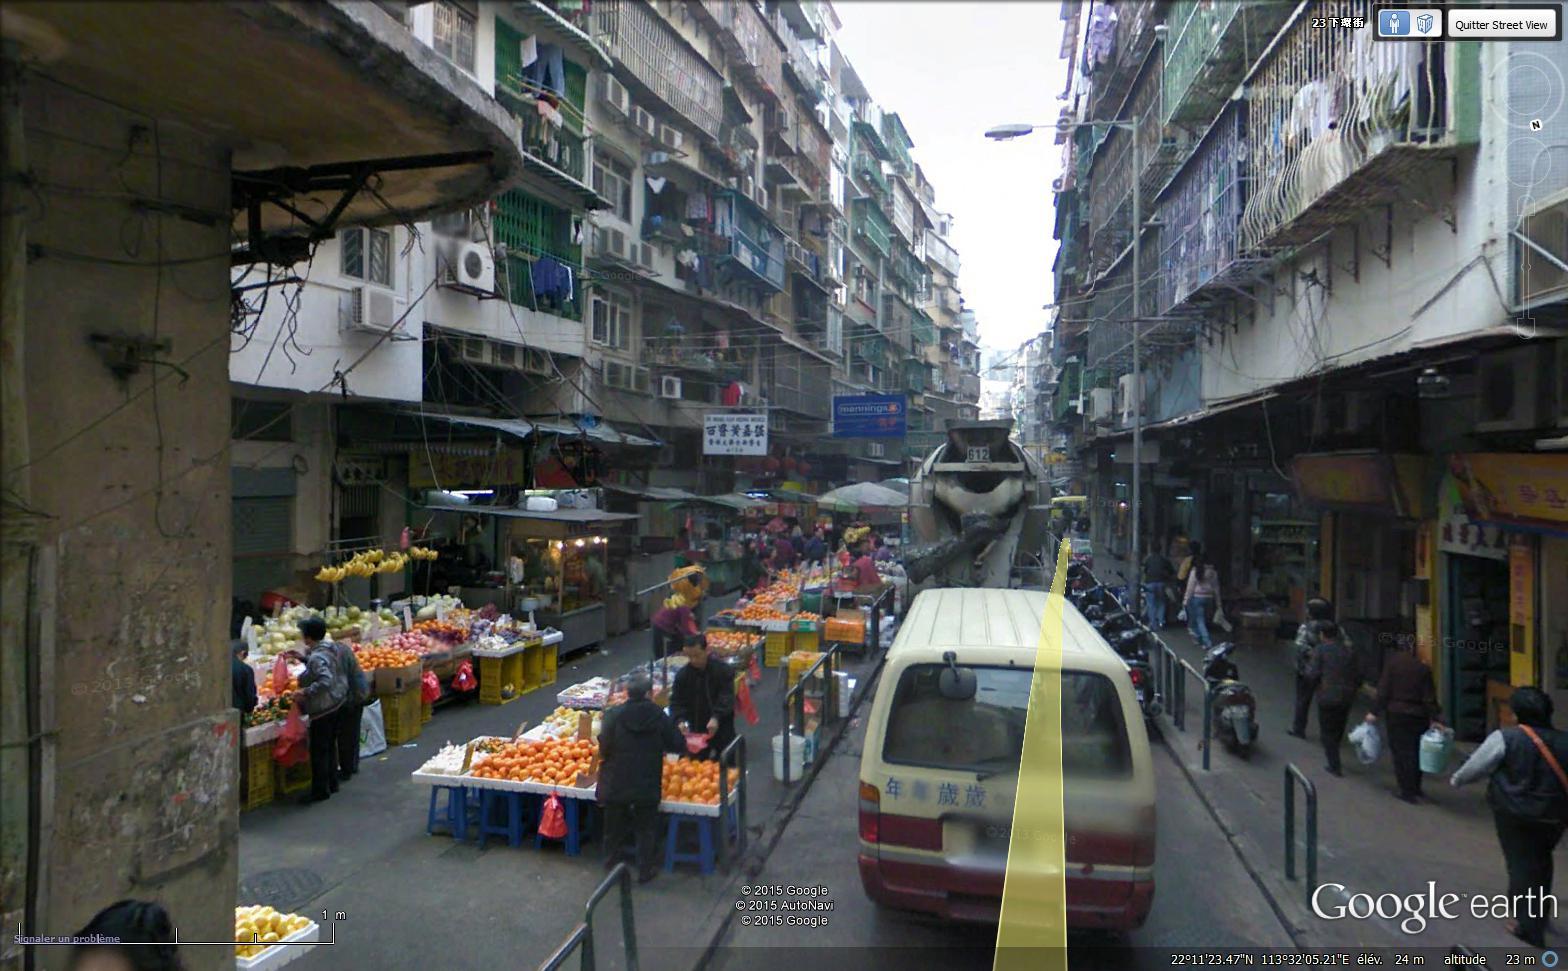 STREET VIEW : les scènes de marchés et brocantes - Page 2 Sans_t33